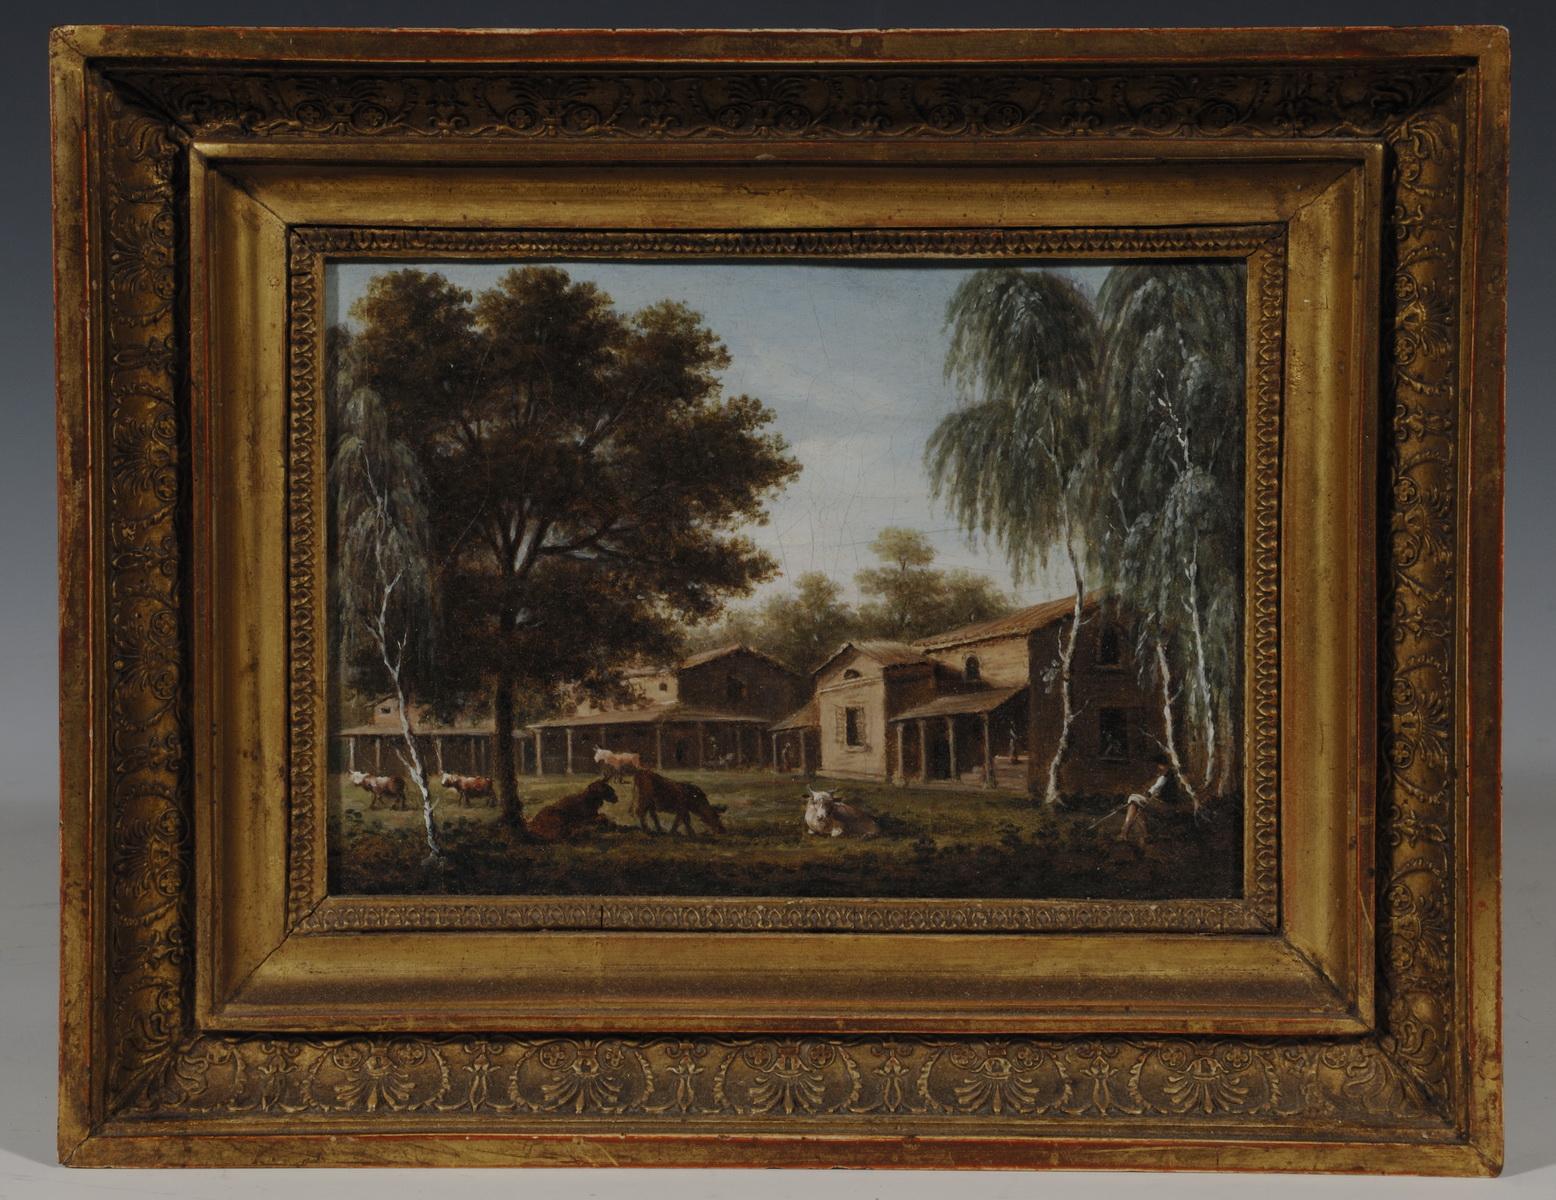 Vue de la vacherie dans le parc du château de Malmaison - Patrimoine Charles-André COLONNA WALEWSKI, en ligne directe de Napoléon